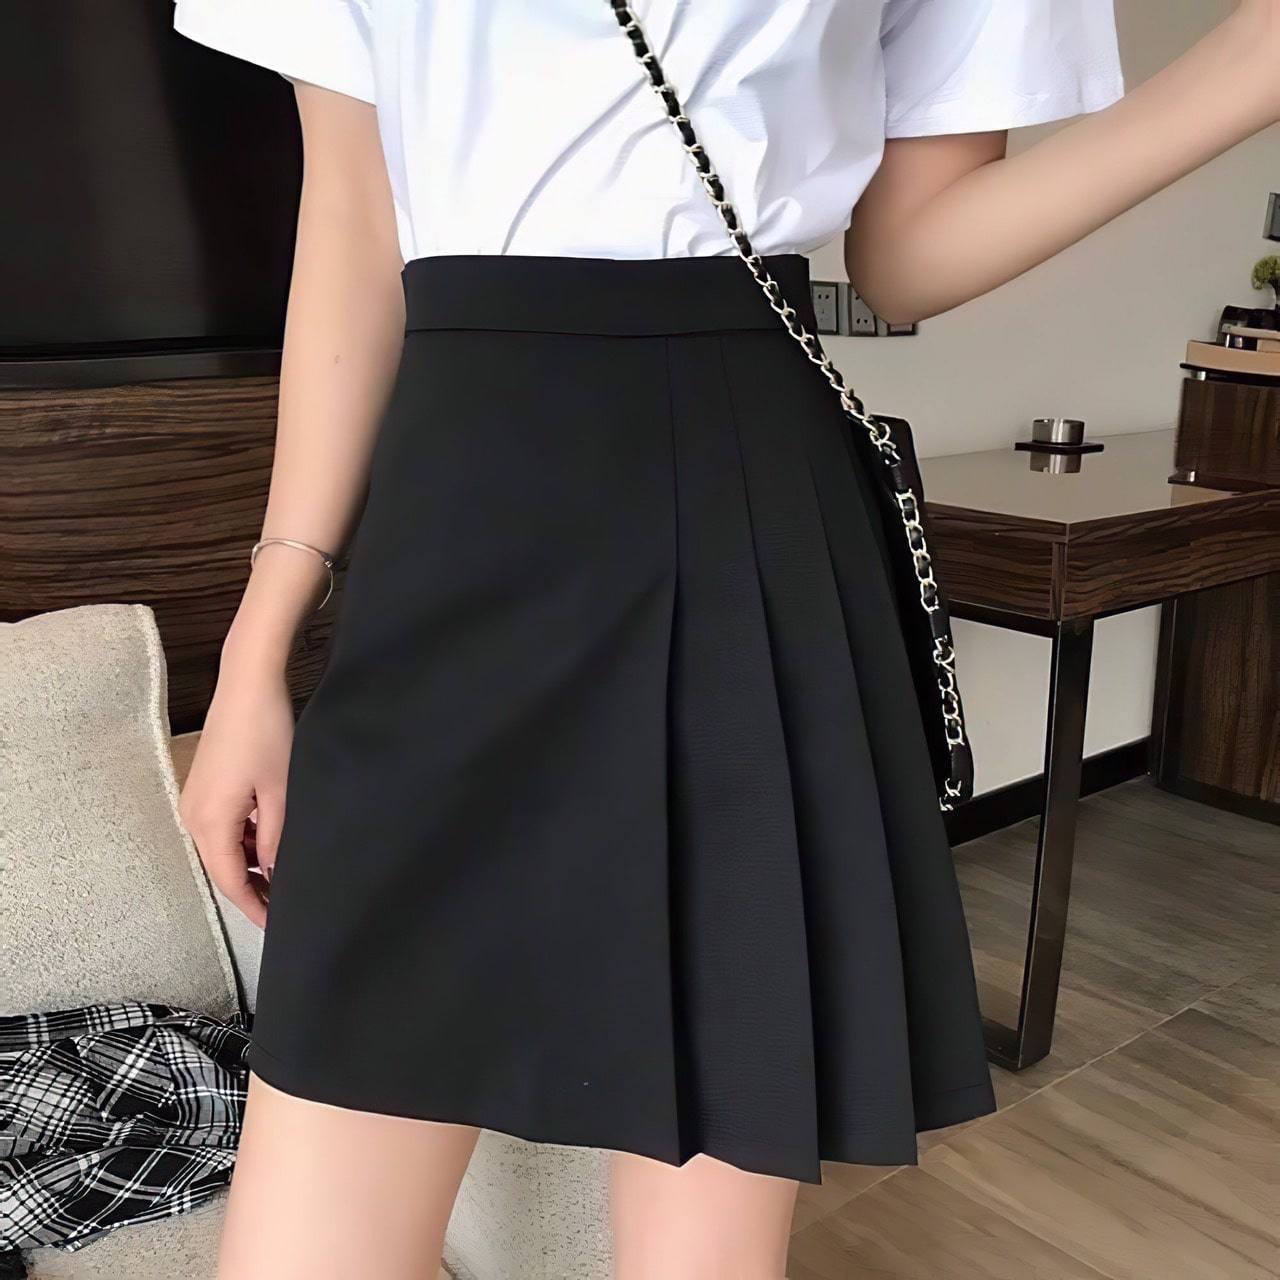 đồng phục quần tây công sở nữ